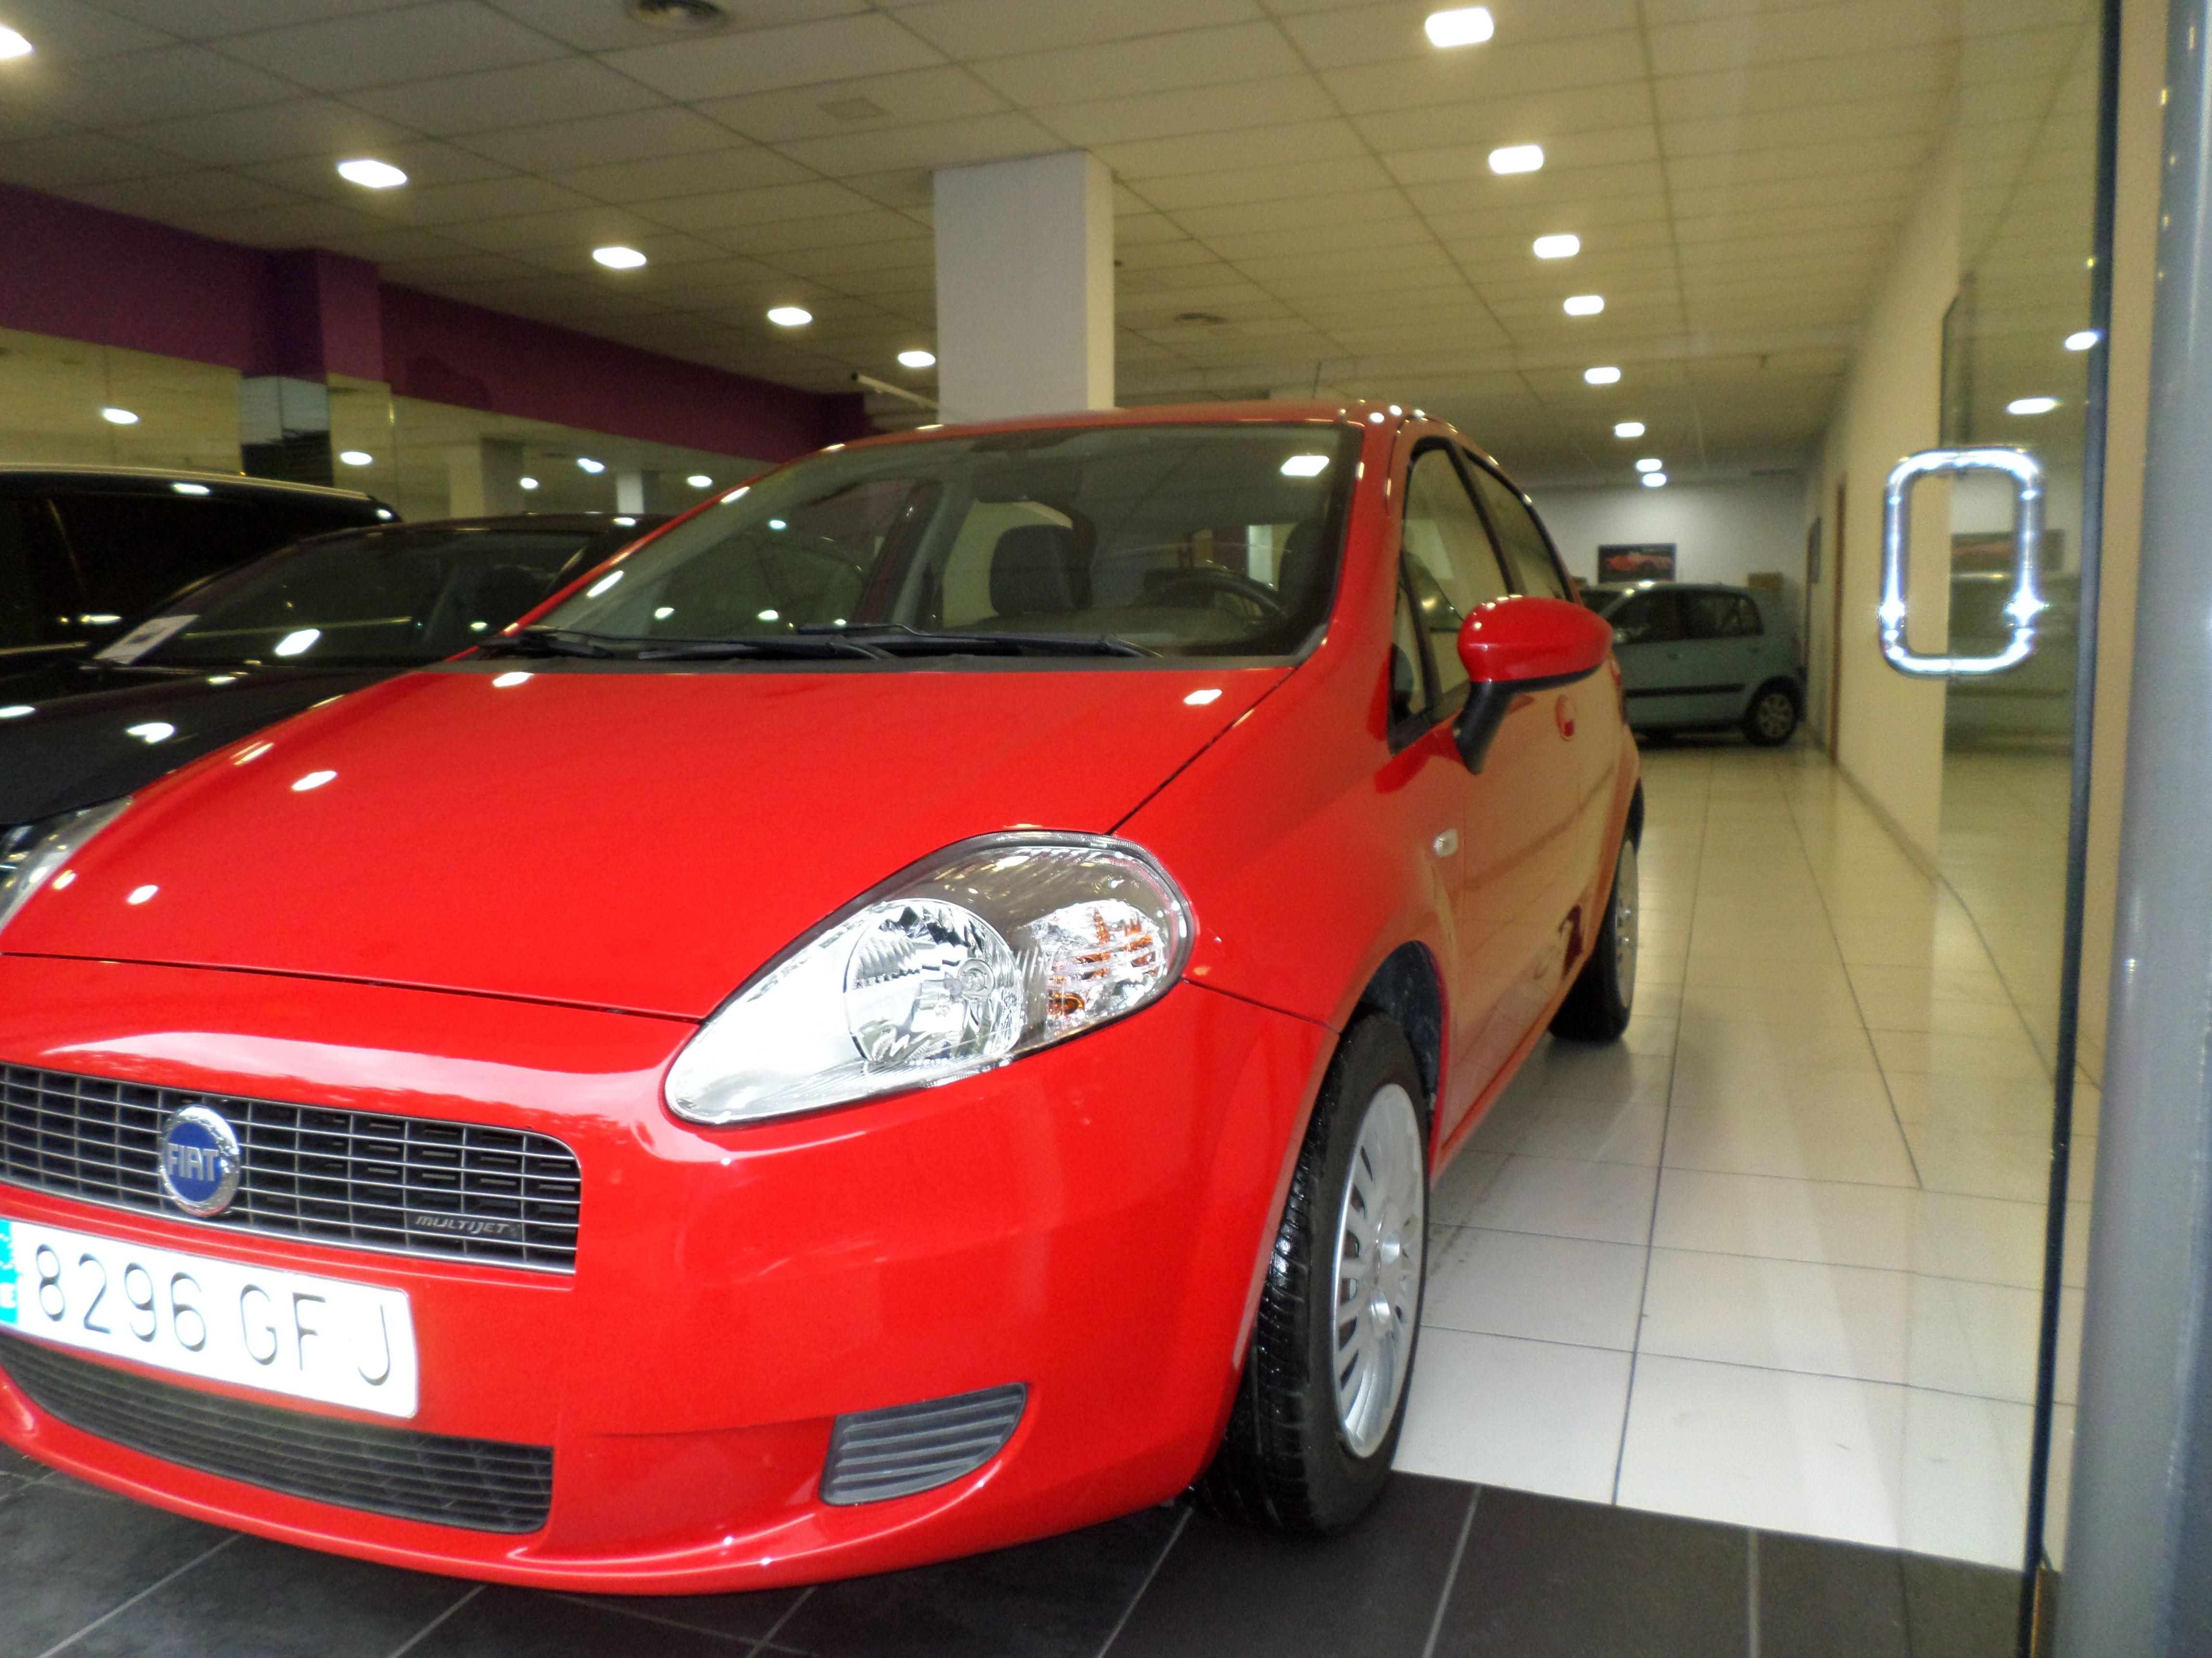 Fiat Grande Punto: Servicios de reparación  de Automóviles y Talleres Dorado